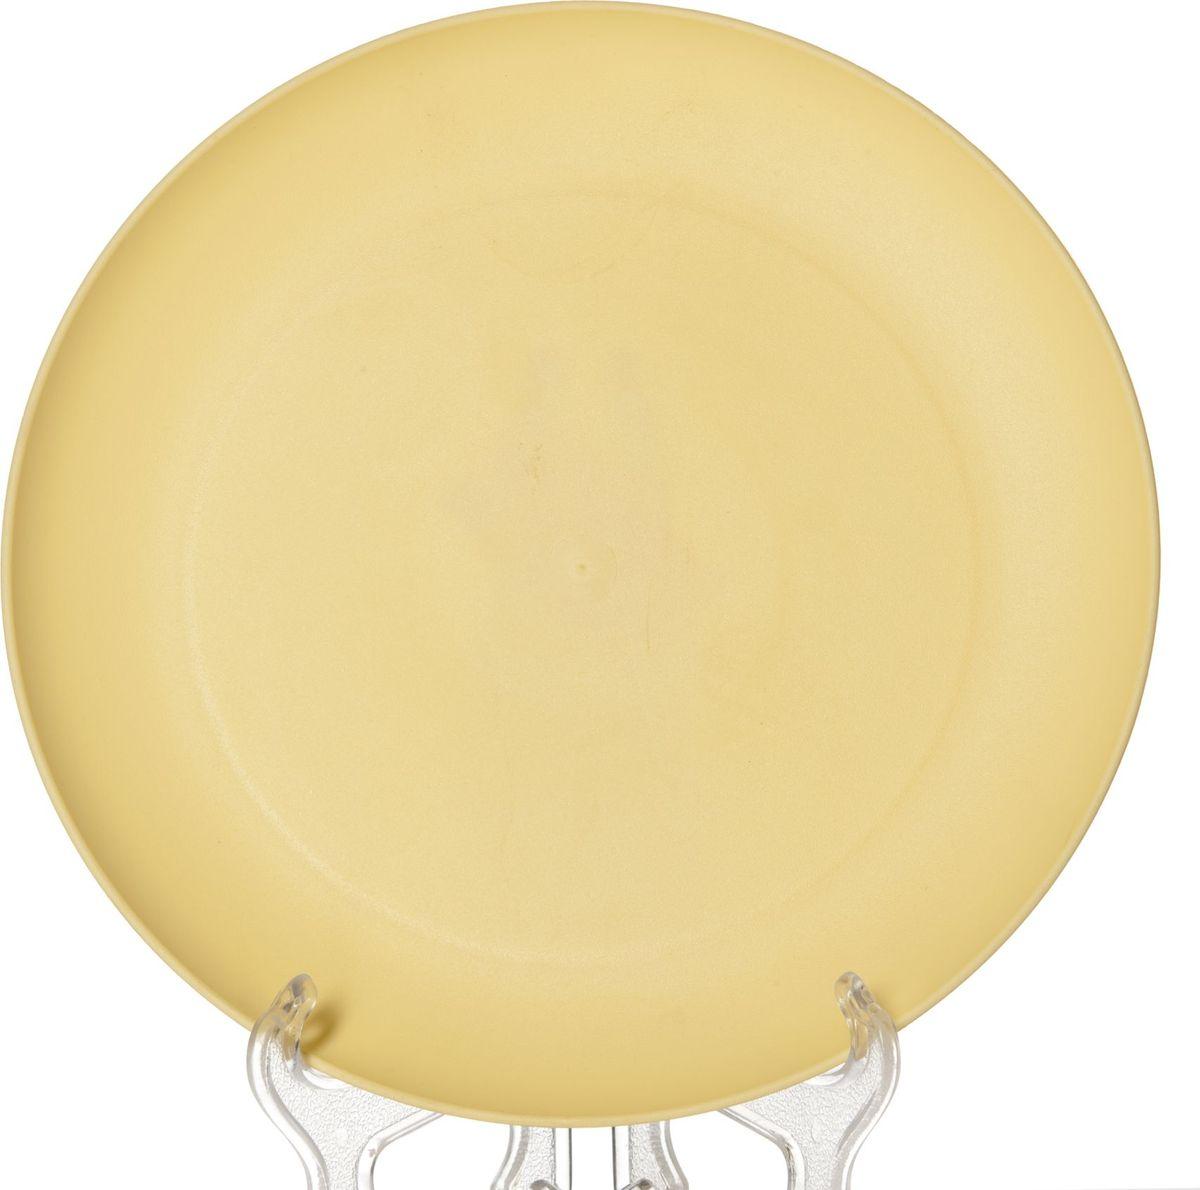 Тарелка изготовлена из цветного пищевого пластика и предназначена для холодной и горячей пищи.  Выдерживает температурный режим в пределах от - 25°C до + 110°C.   Посуду из полипропилена можно использовать в микроволновой печи, но необходимо, чтобы нагрев не превышал максимально допустимую температуру.  Удобная, легкая и практичная посуда для пикника и дачи поможет сервировать стол без хлопот!